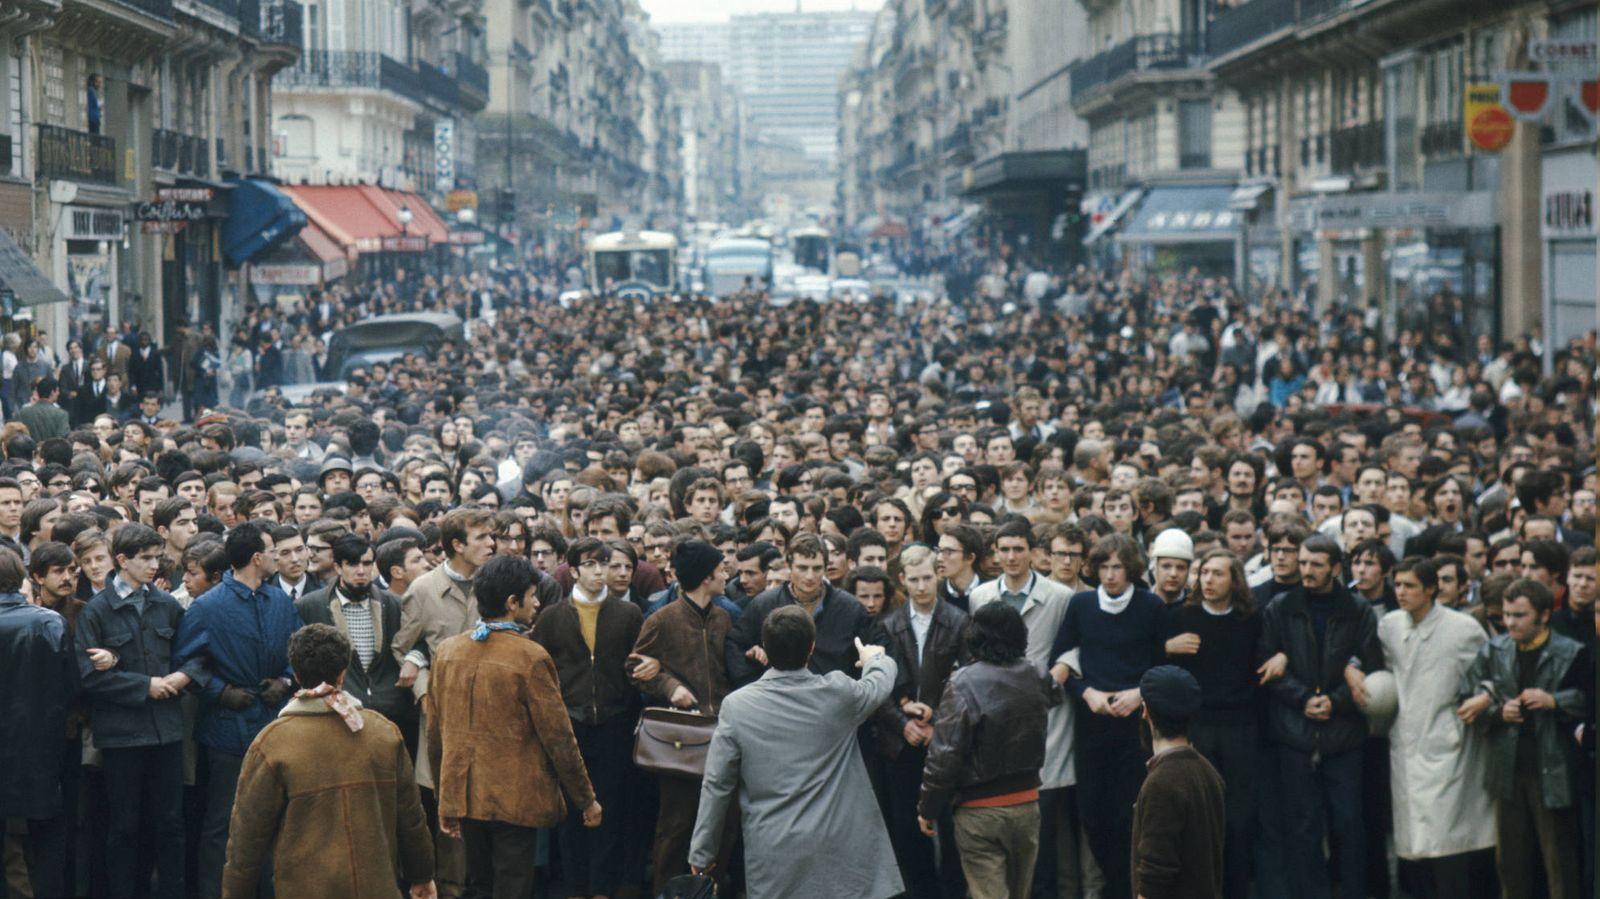 Foto: Manifestación en París en mayo de 1968. (Getty Images)